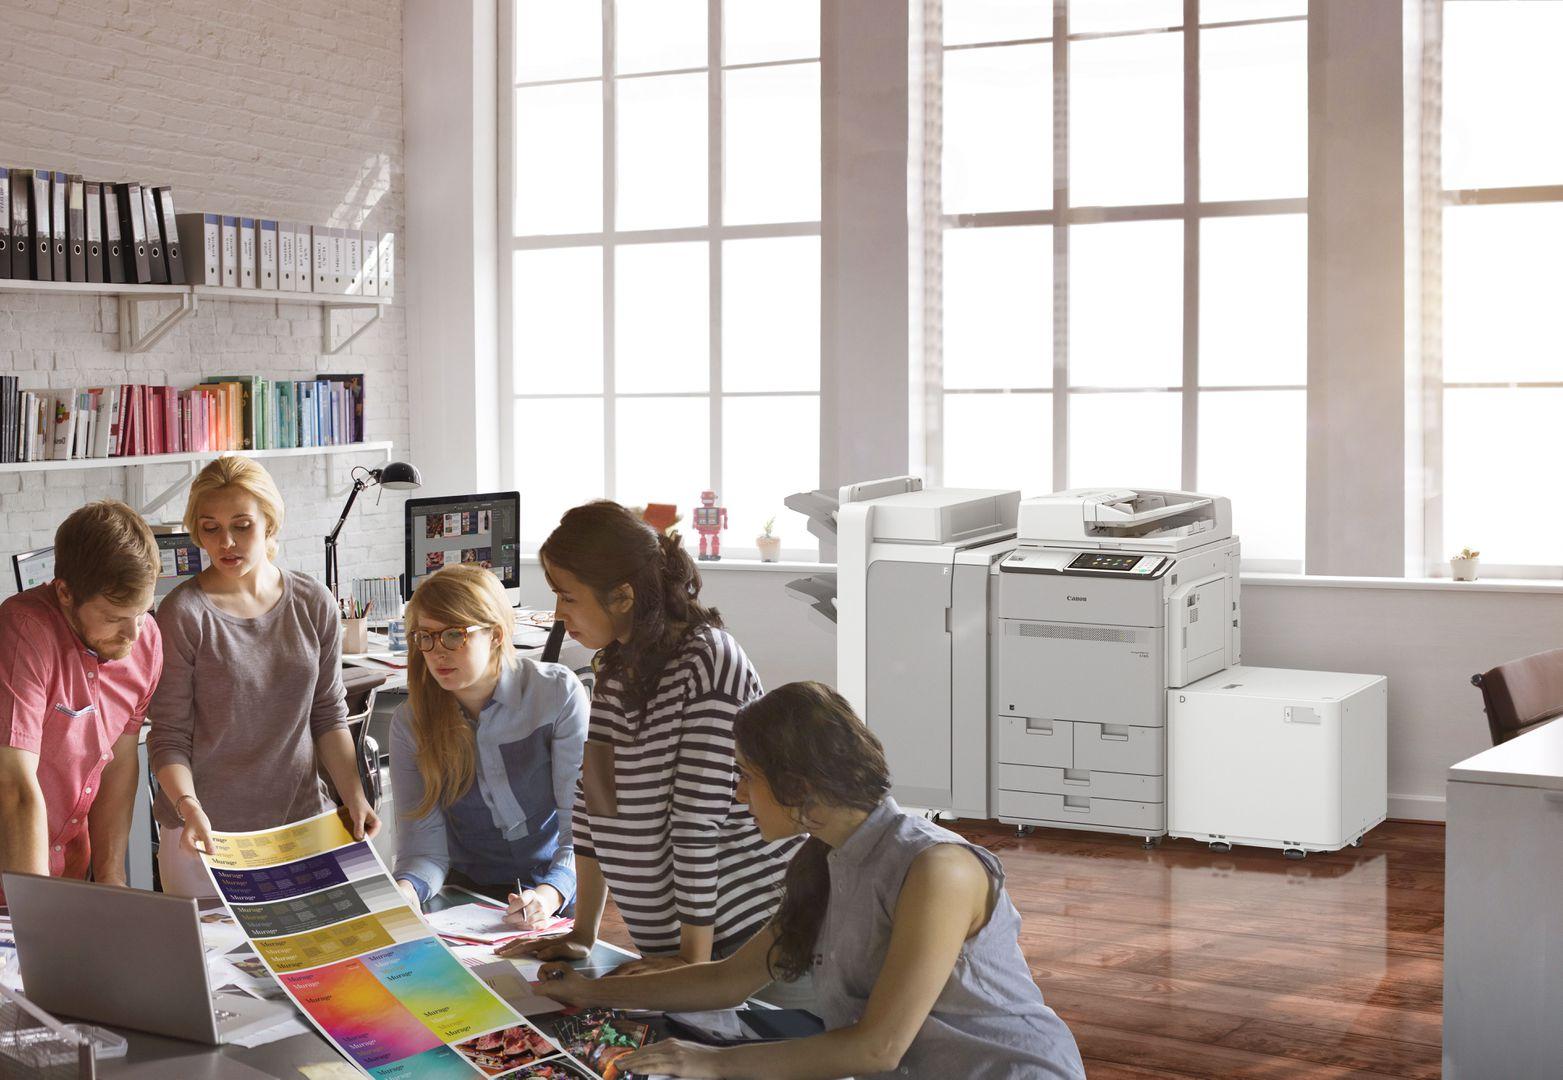 Kunden einfach und aufmerksamkeitsstark mit kreativen Ideen auf Papier begeistern.